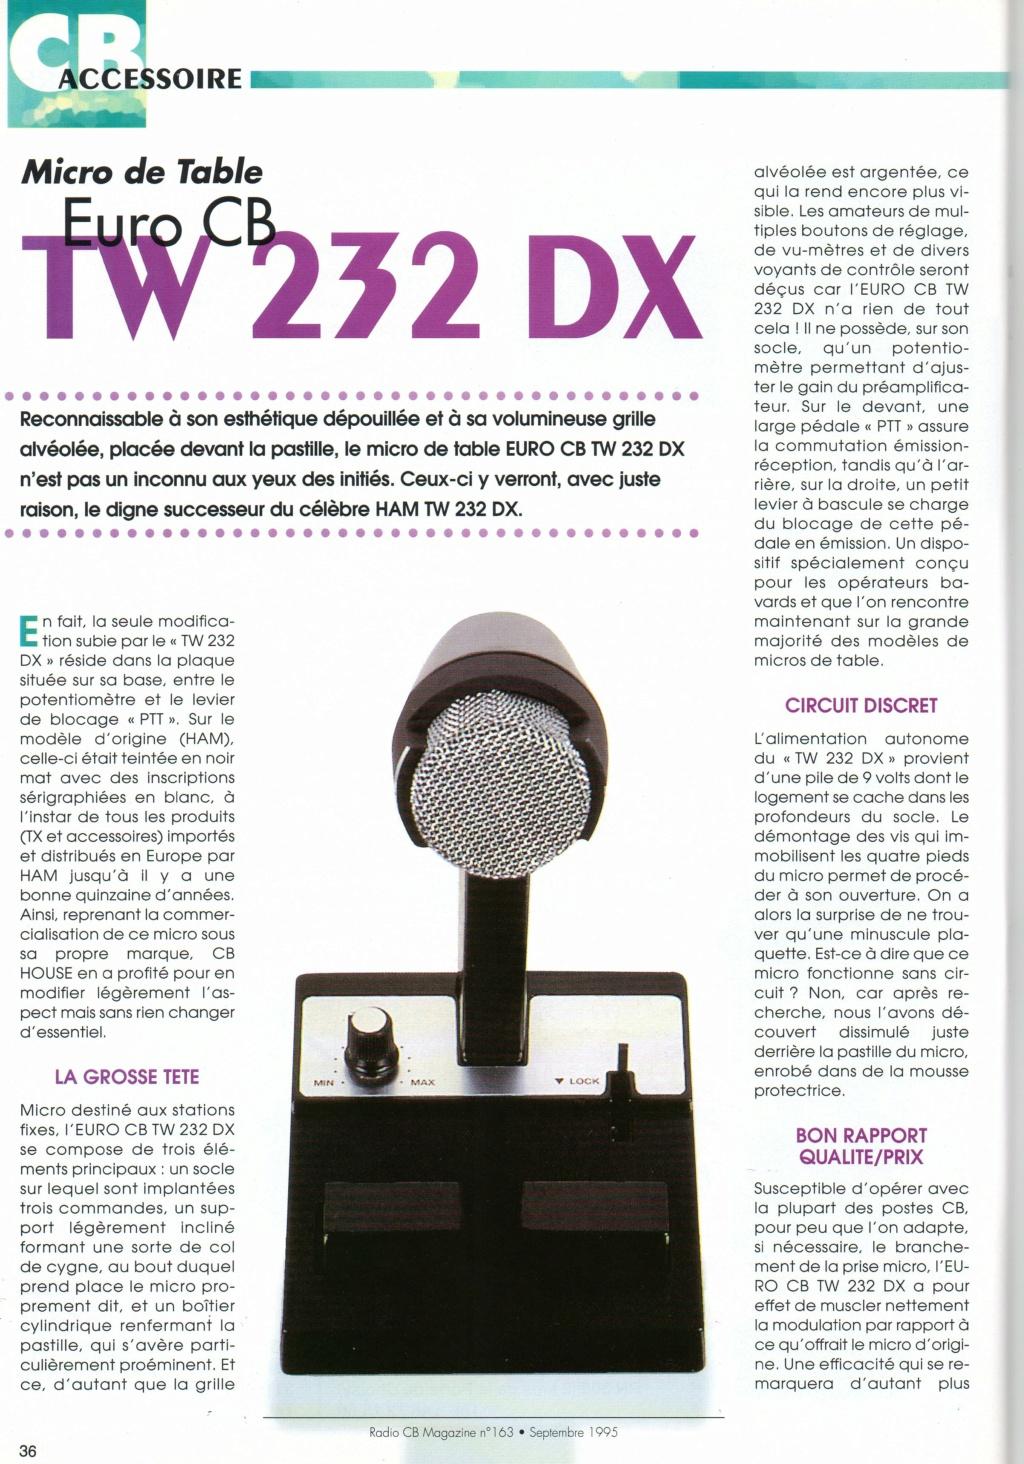 EuroCB TW232DX (Micro de table) Chora592